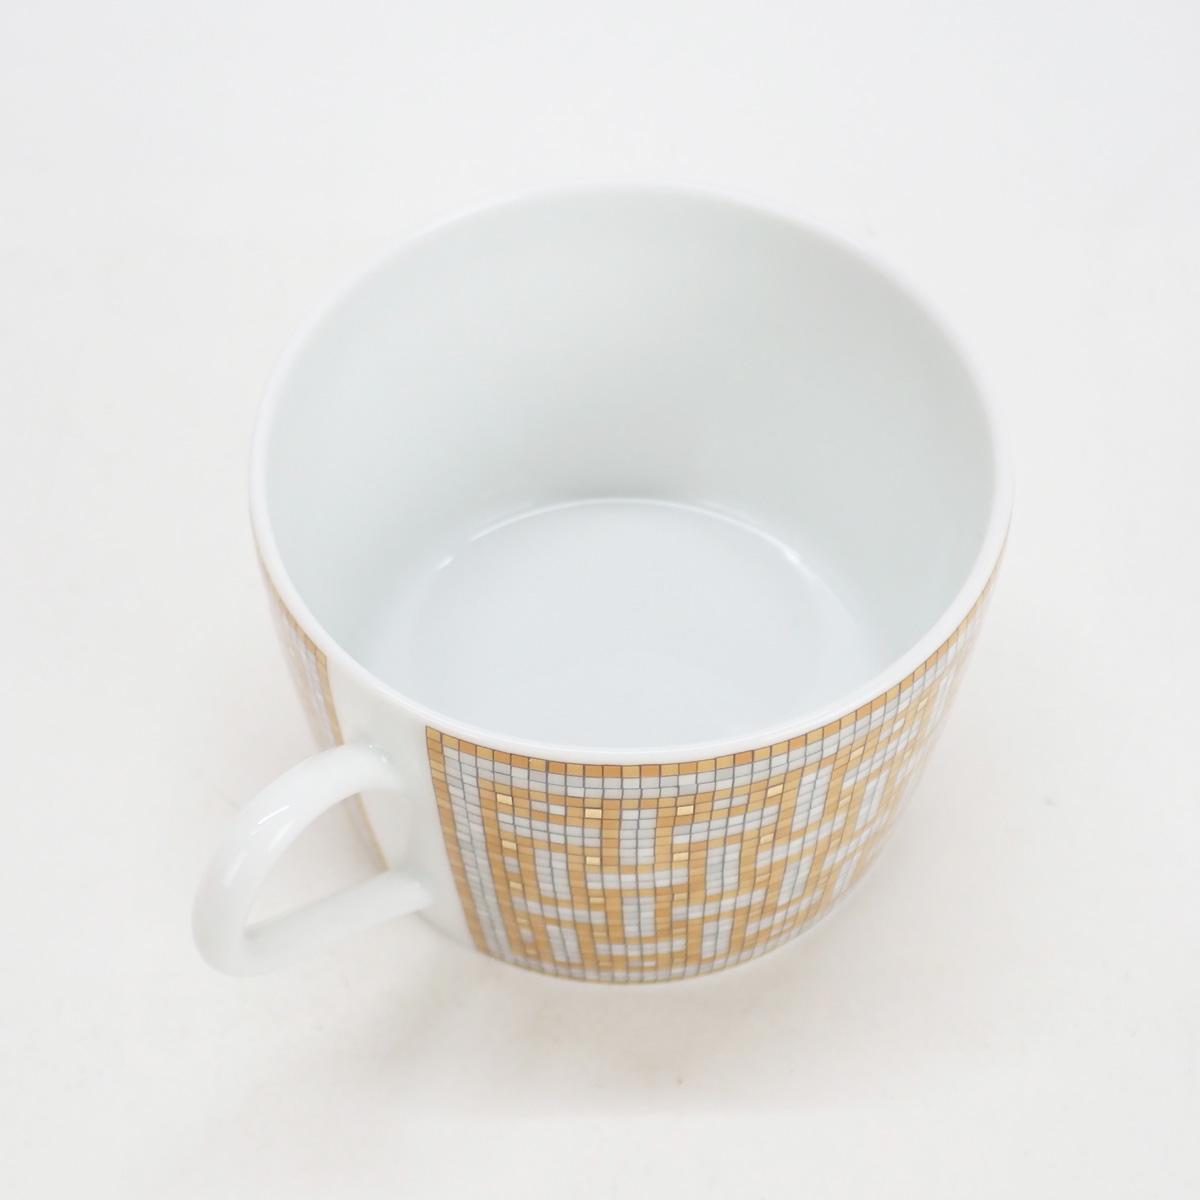 【辛口評価】【SAランク】HERMES エルメス モザイク ヴァンキャトル ティーカップ&ソーサー ペア 026016P2